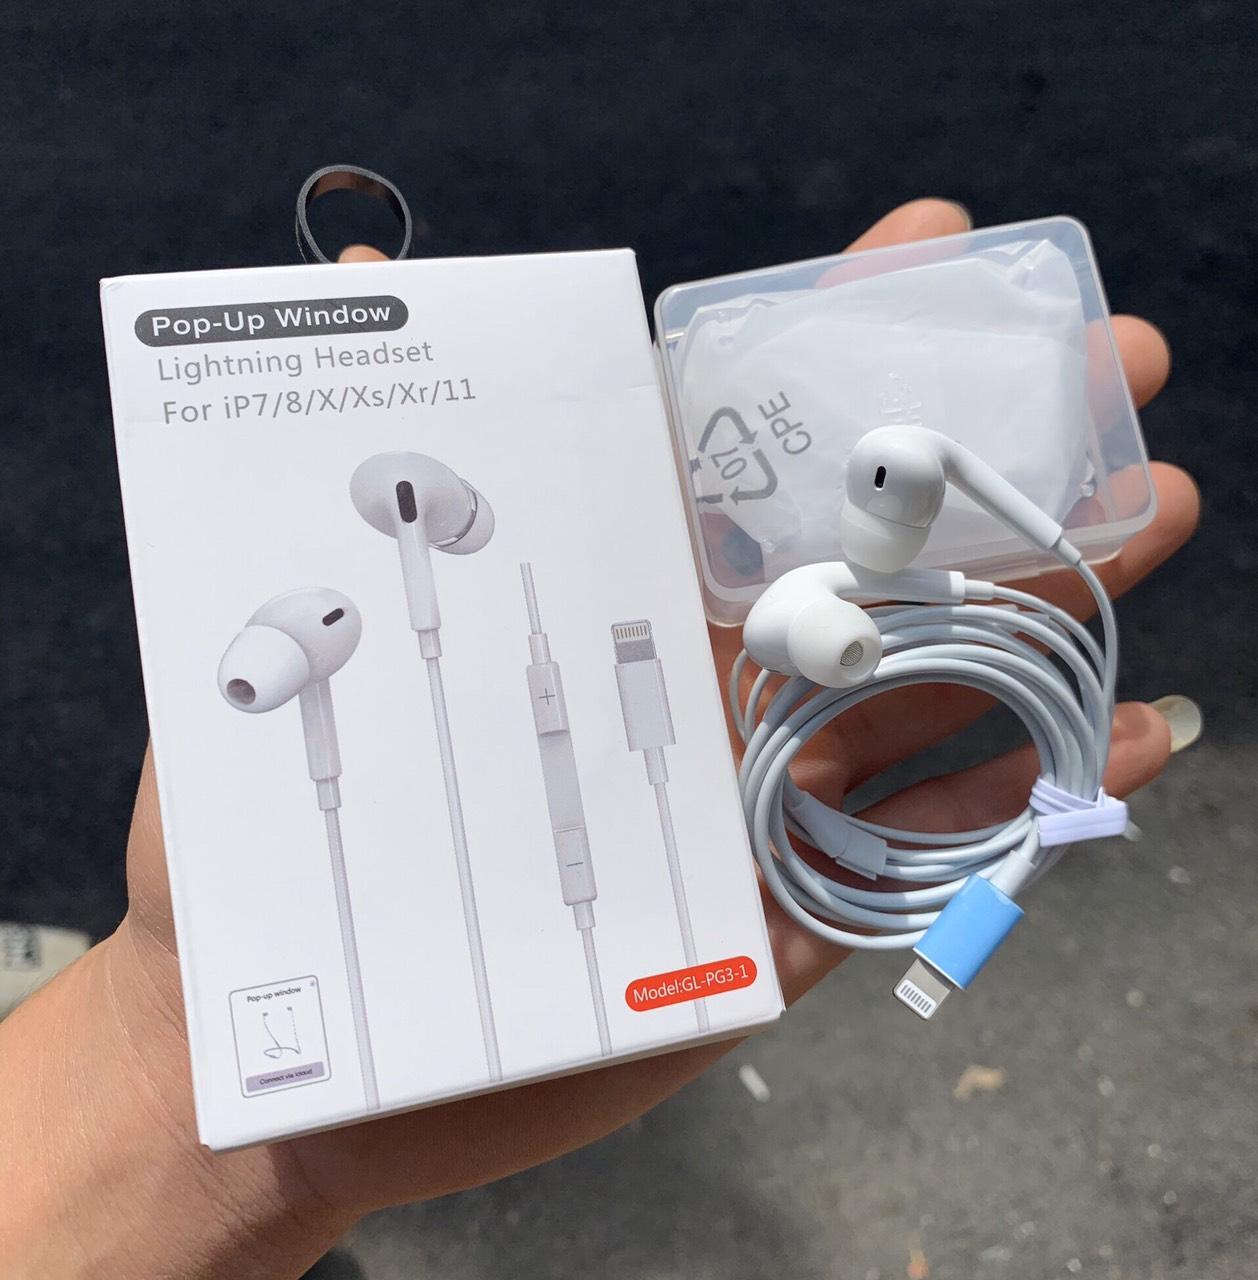 Tai Nghe Dành Cho Iphone 7/7Plus/X/XSmax/11/11Pro - Thế Hệ Mới Thiết Kế Giống Airpods Pro - Kết nối Bluetooth Tự Động